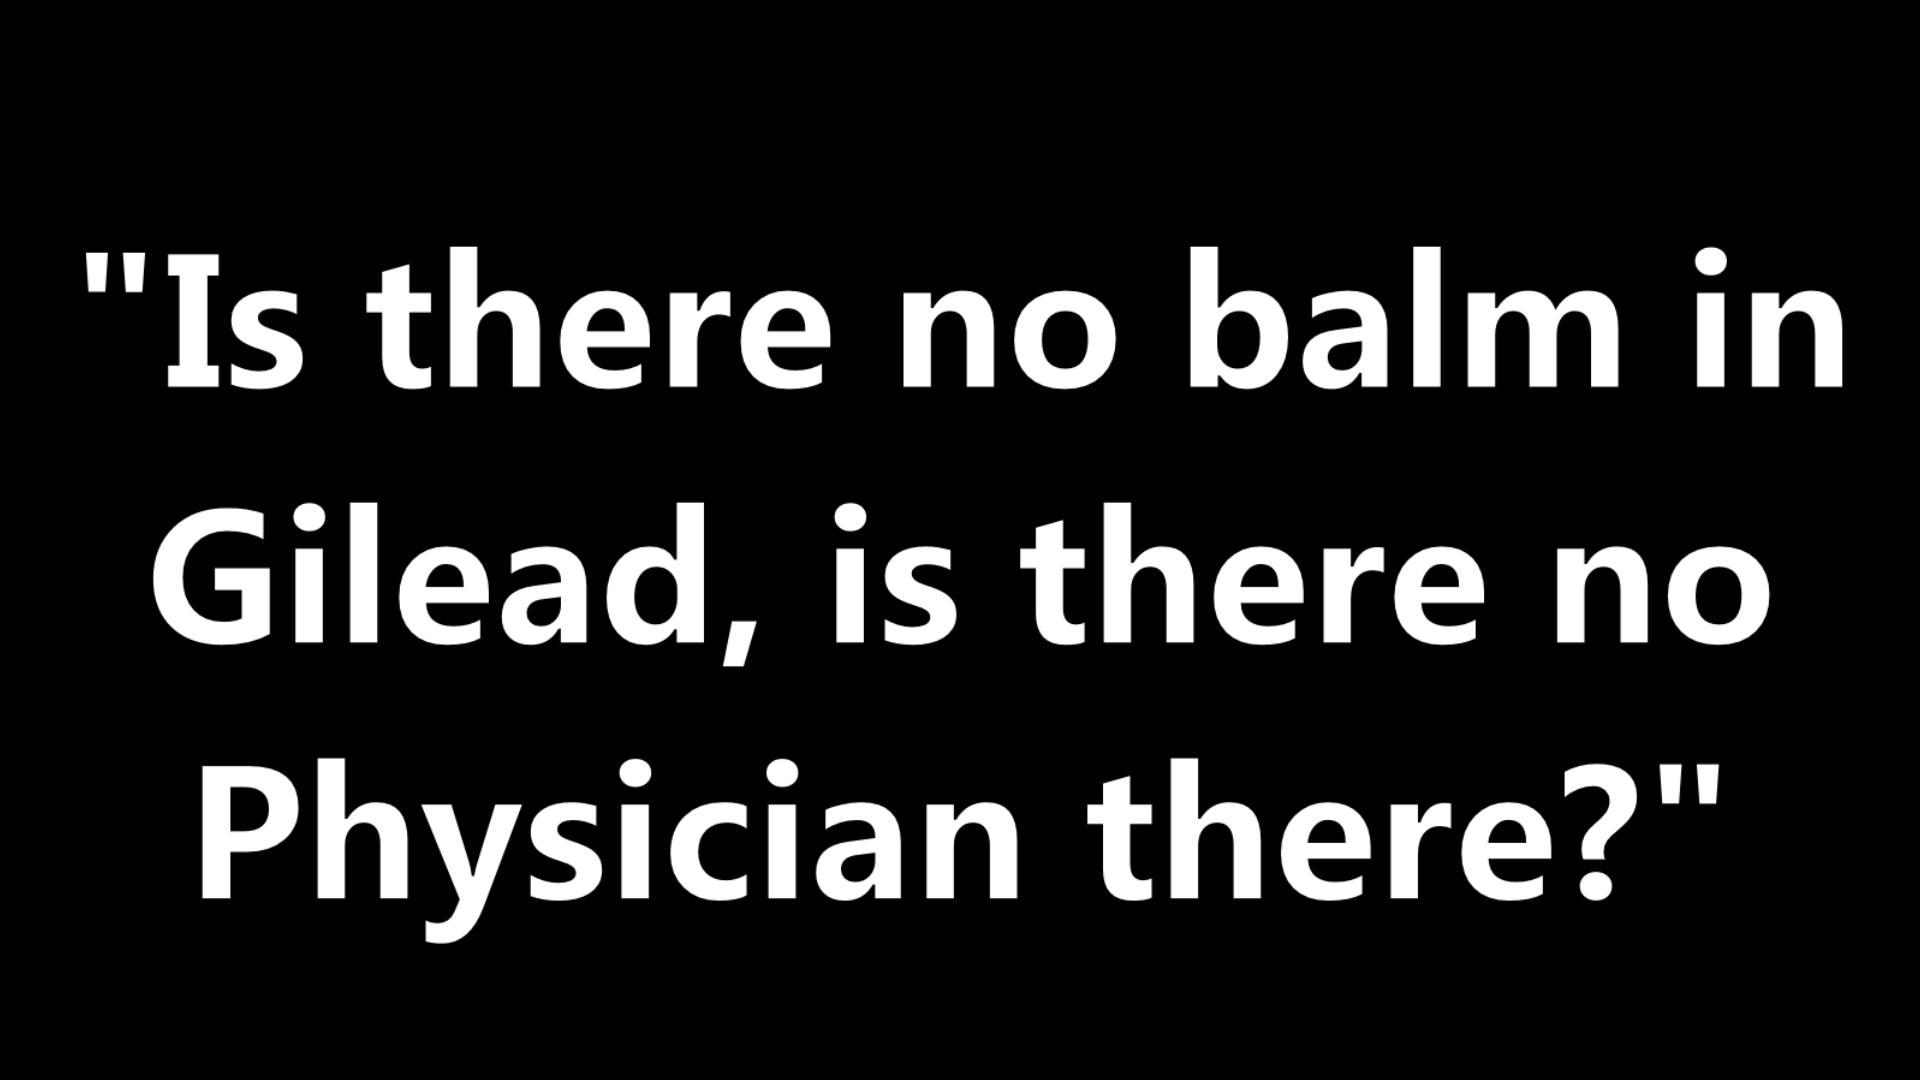 NO BALM, NO PHYSICIAN